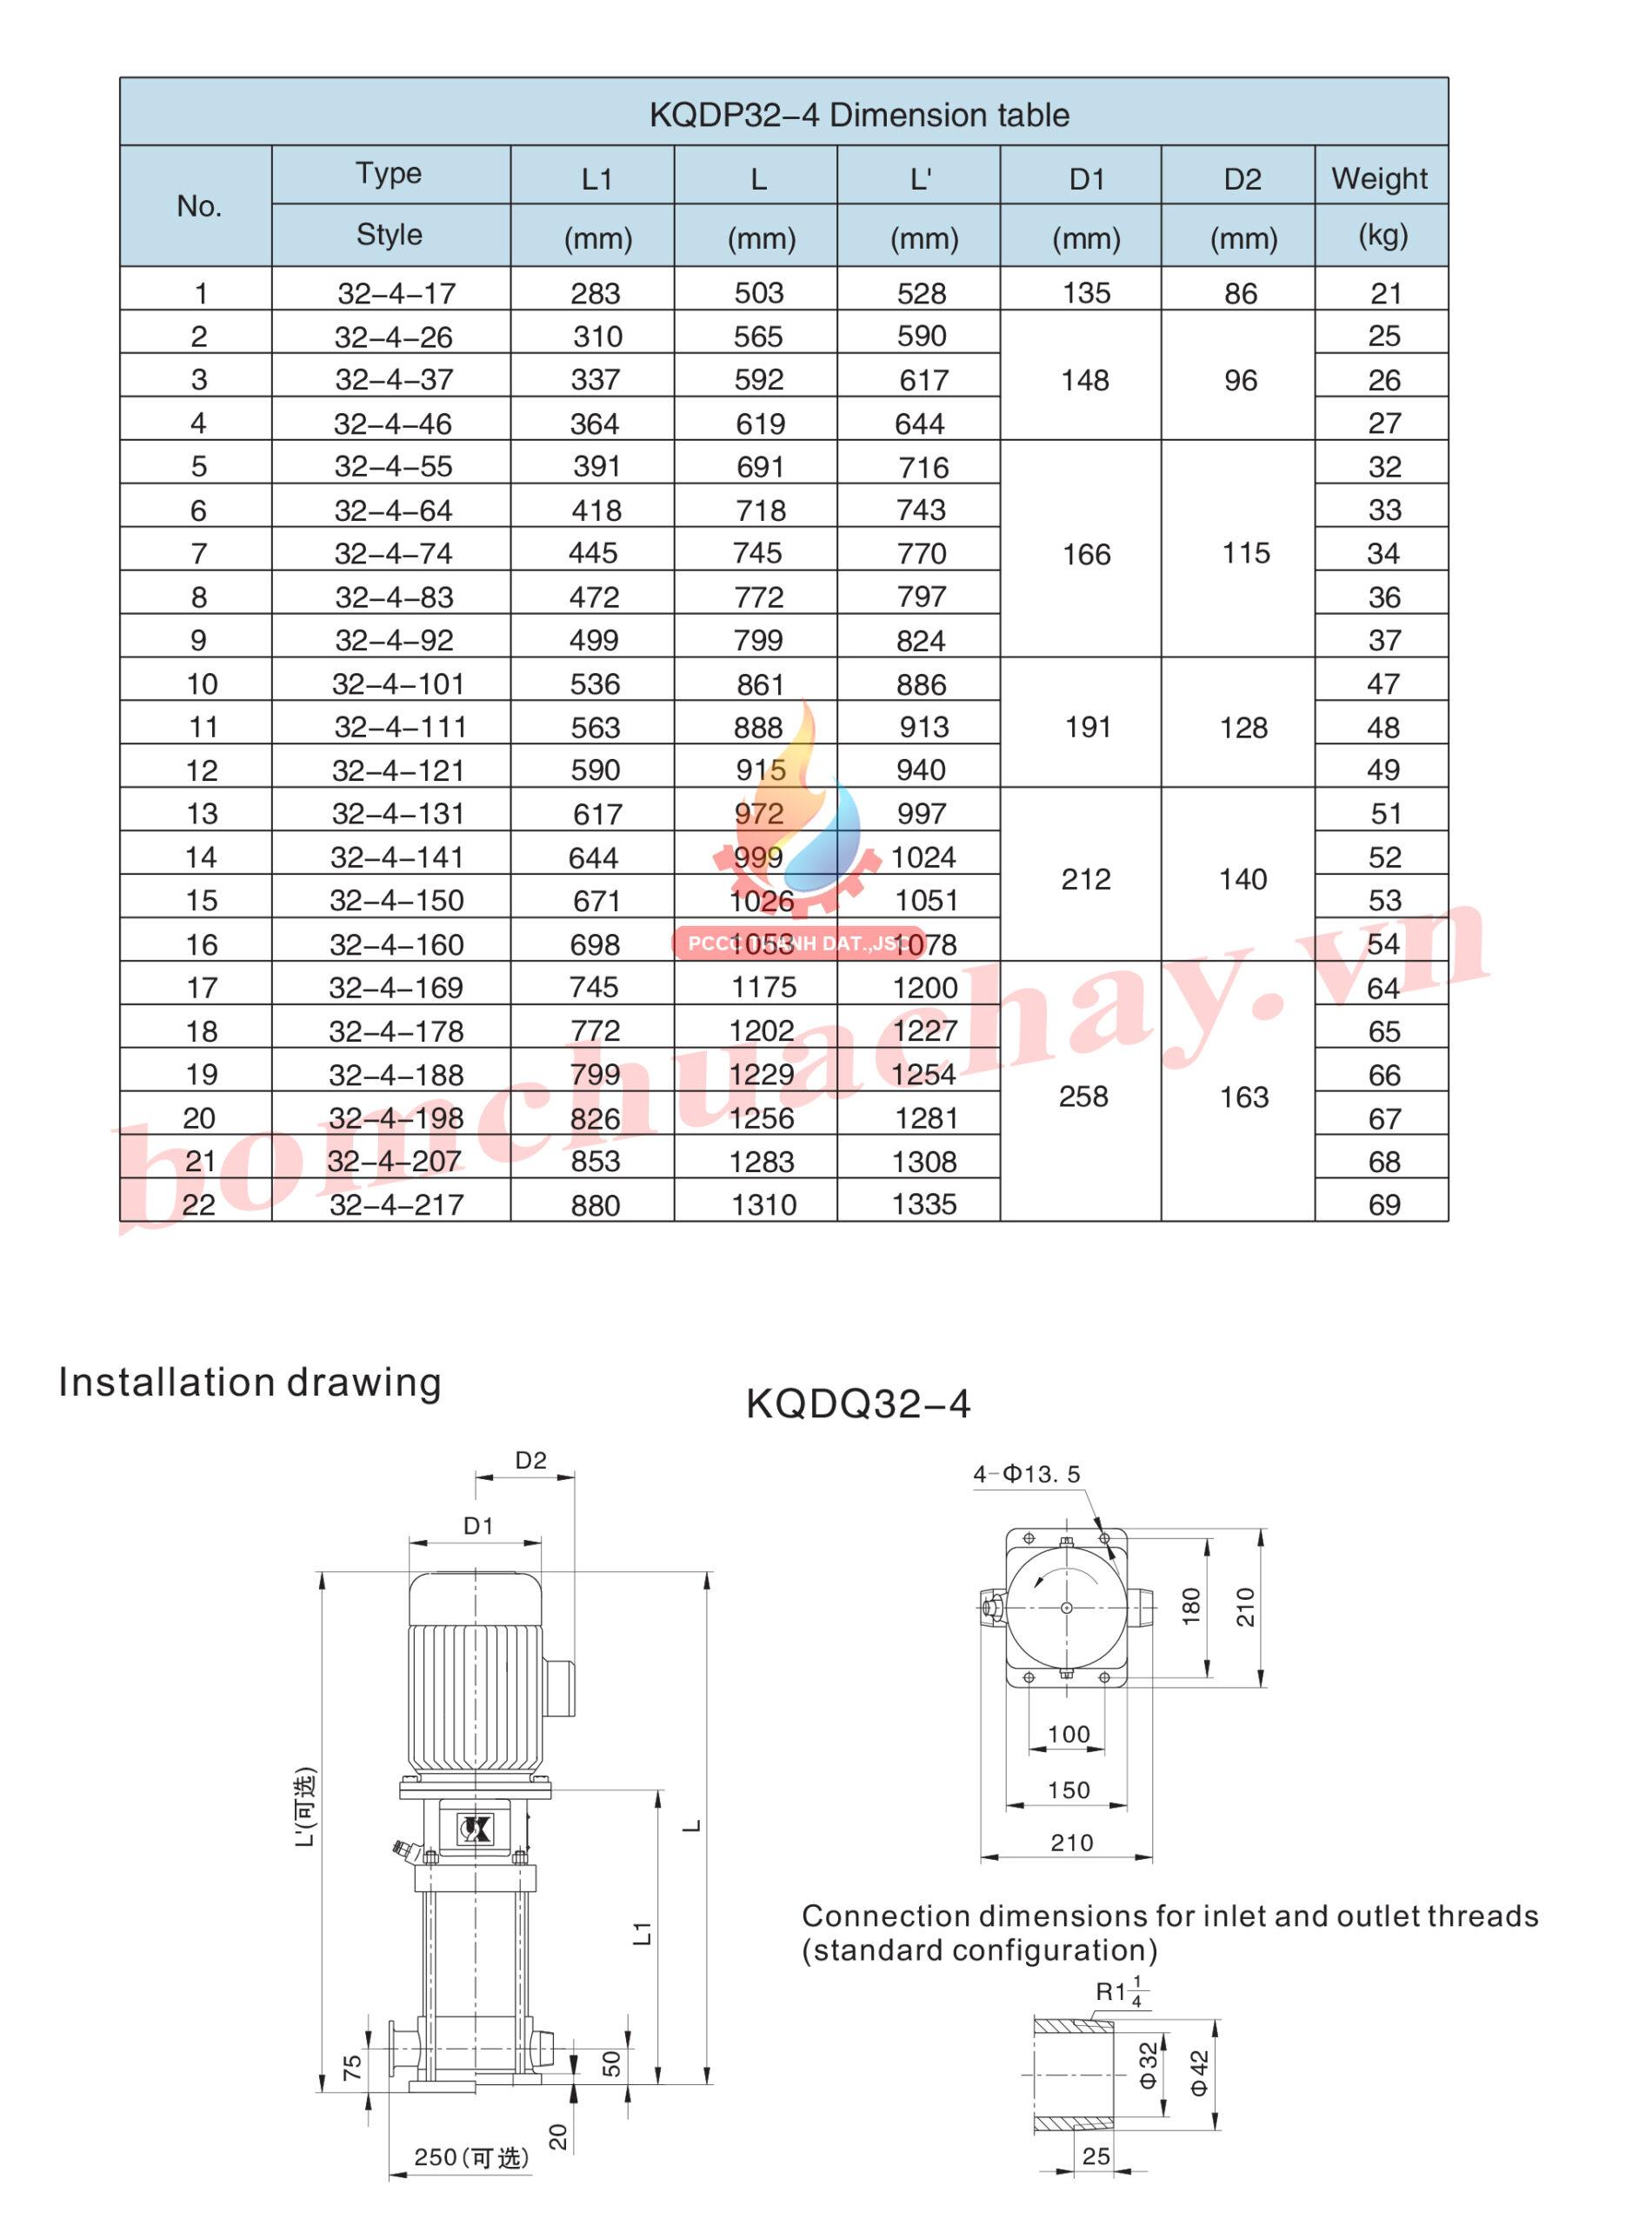 Máy bơm bù áp KQDP/KQDQ32-4-217 7.5HP